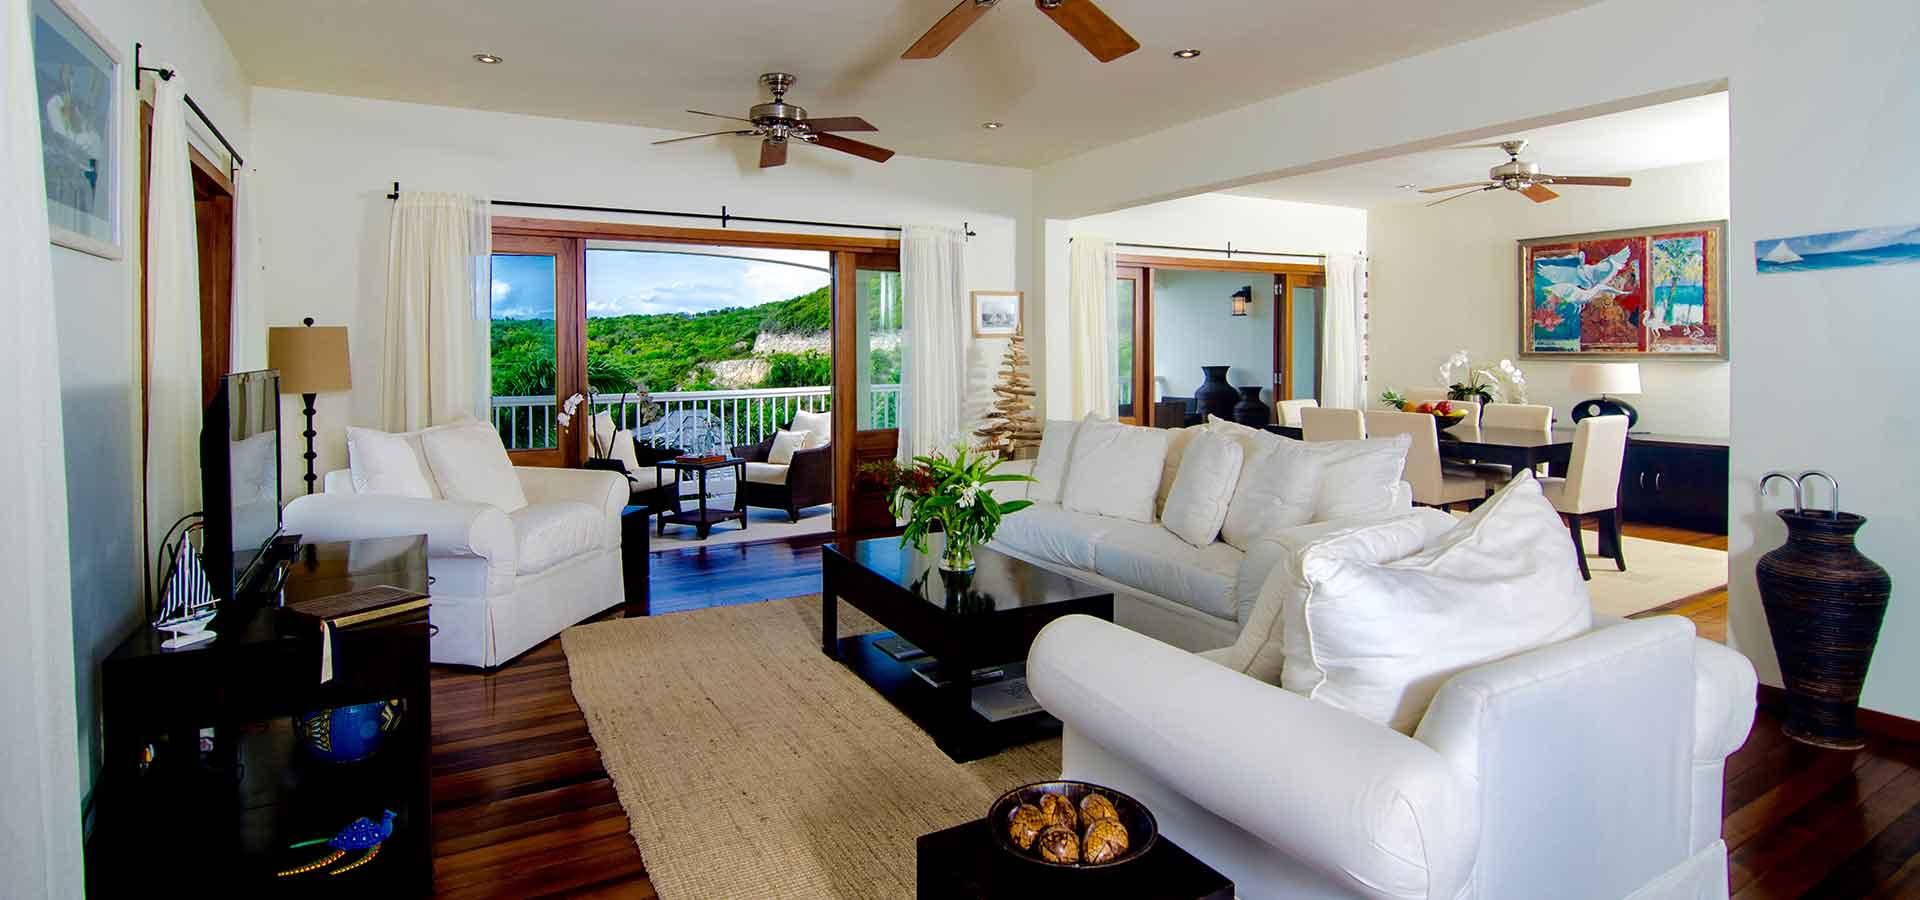 Antigua - Dra til denne bortgjemte bukten og nyt stillhet og ro på Nonsuch Bay Resort.